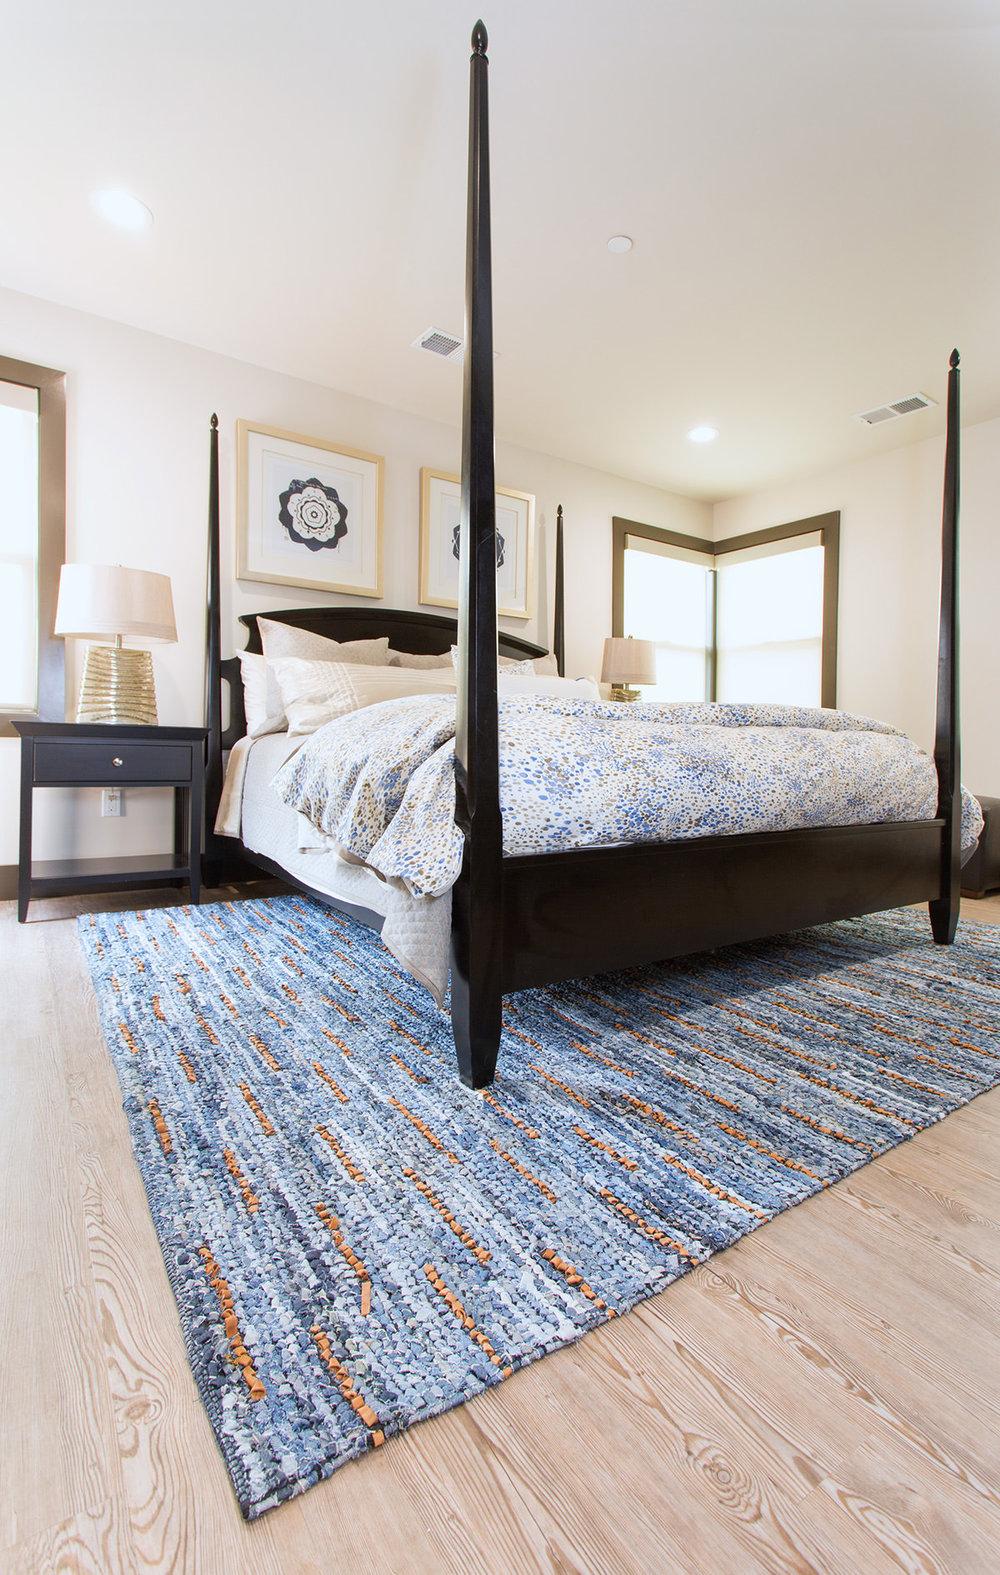 guest-bedroom-interior-design-los-altos-california-ktj-design-co-3.jpg